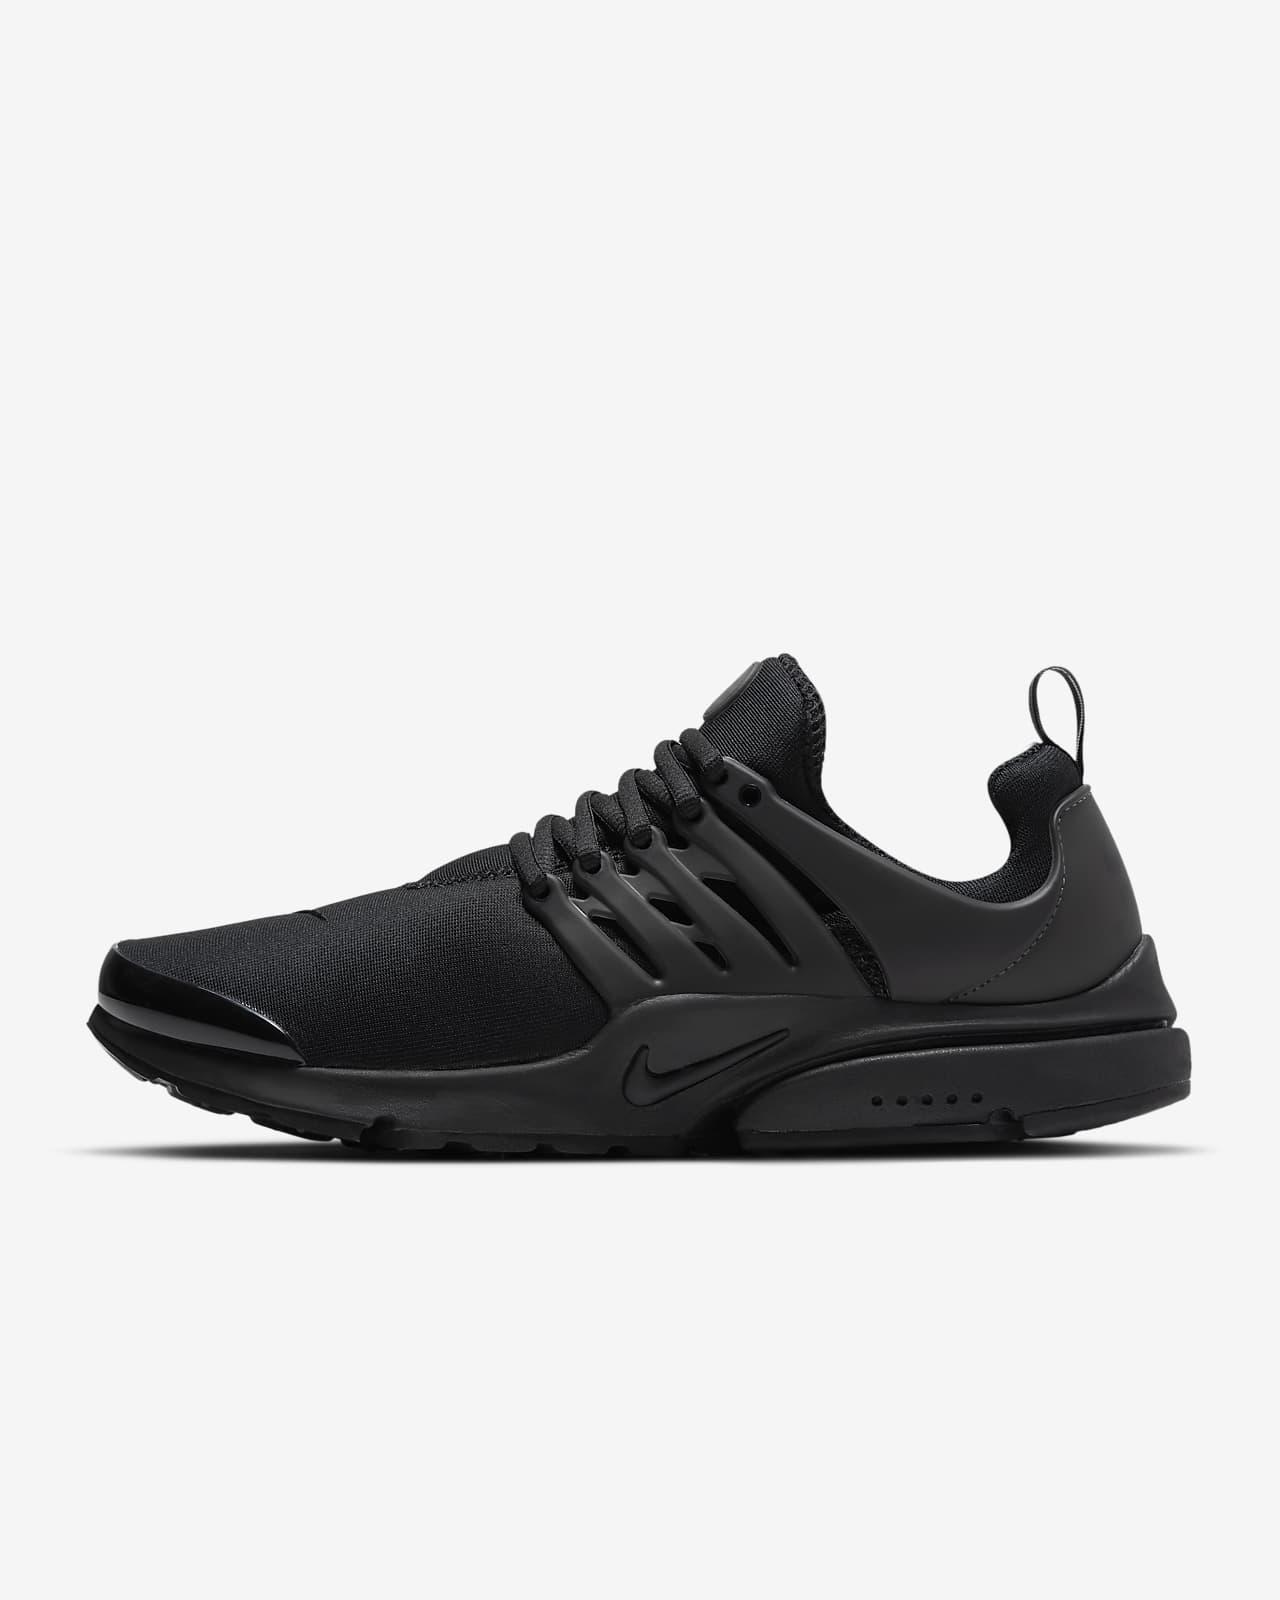 Nike Air Presto Erkek Ayakkabısı